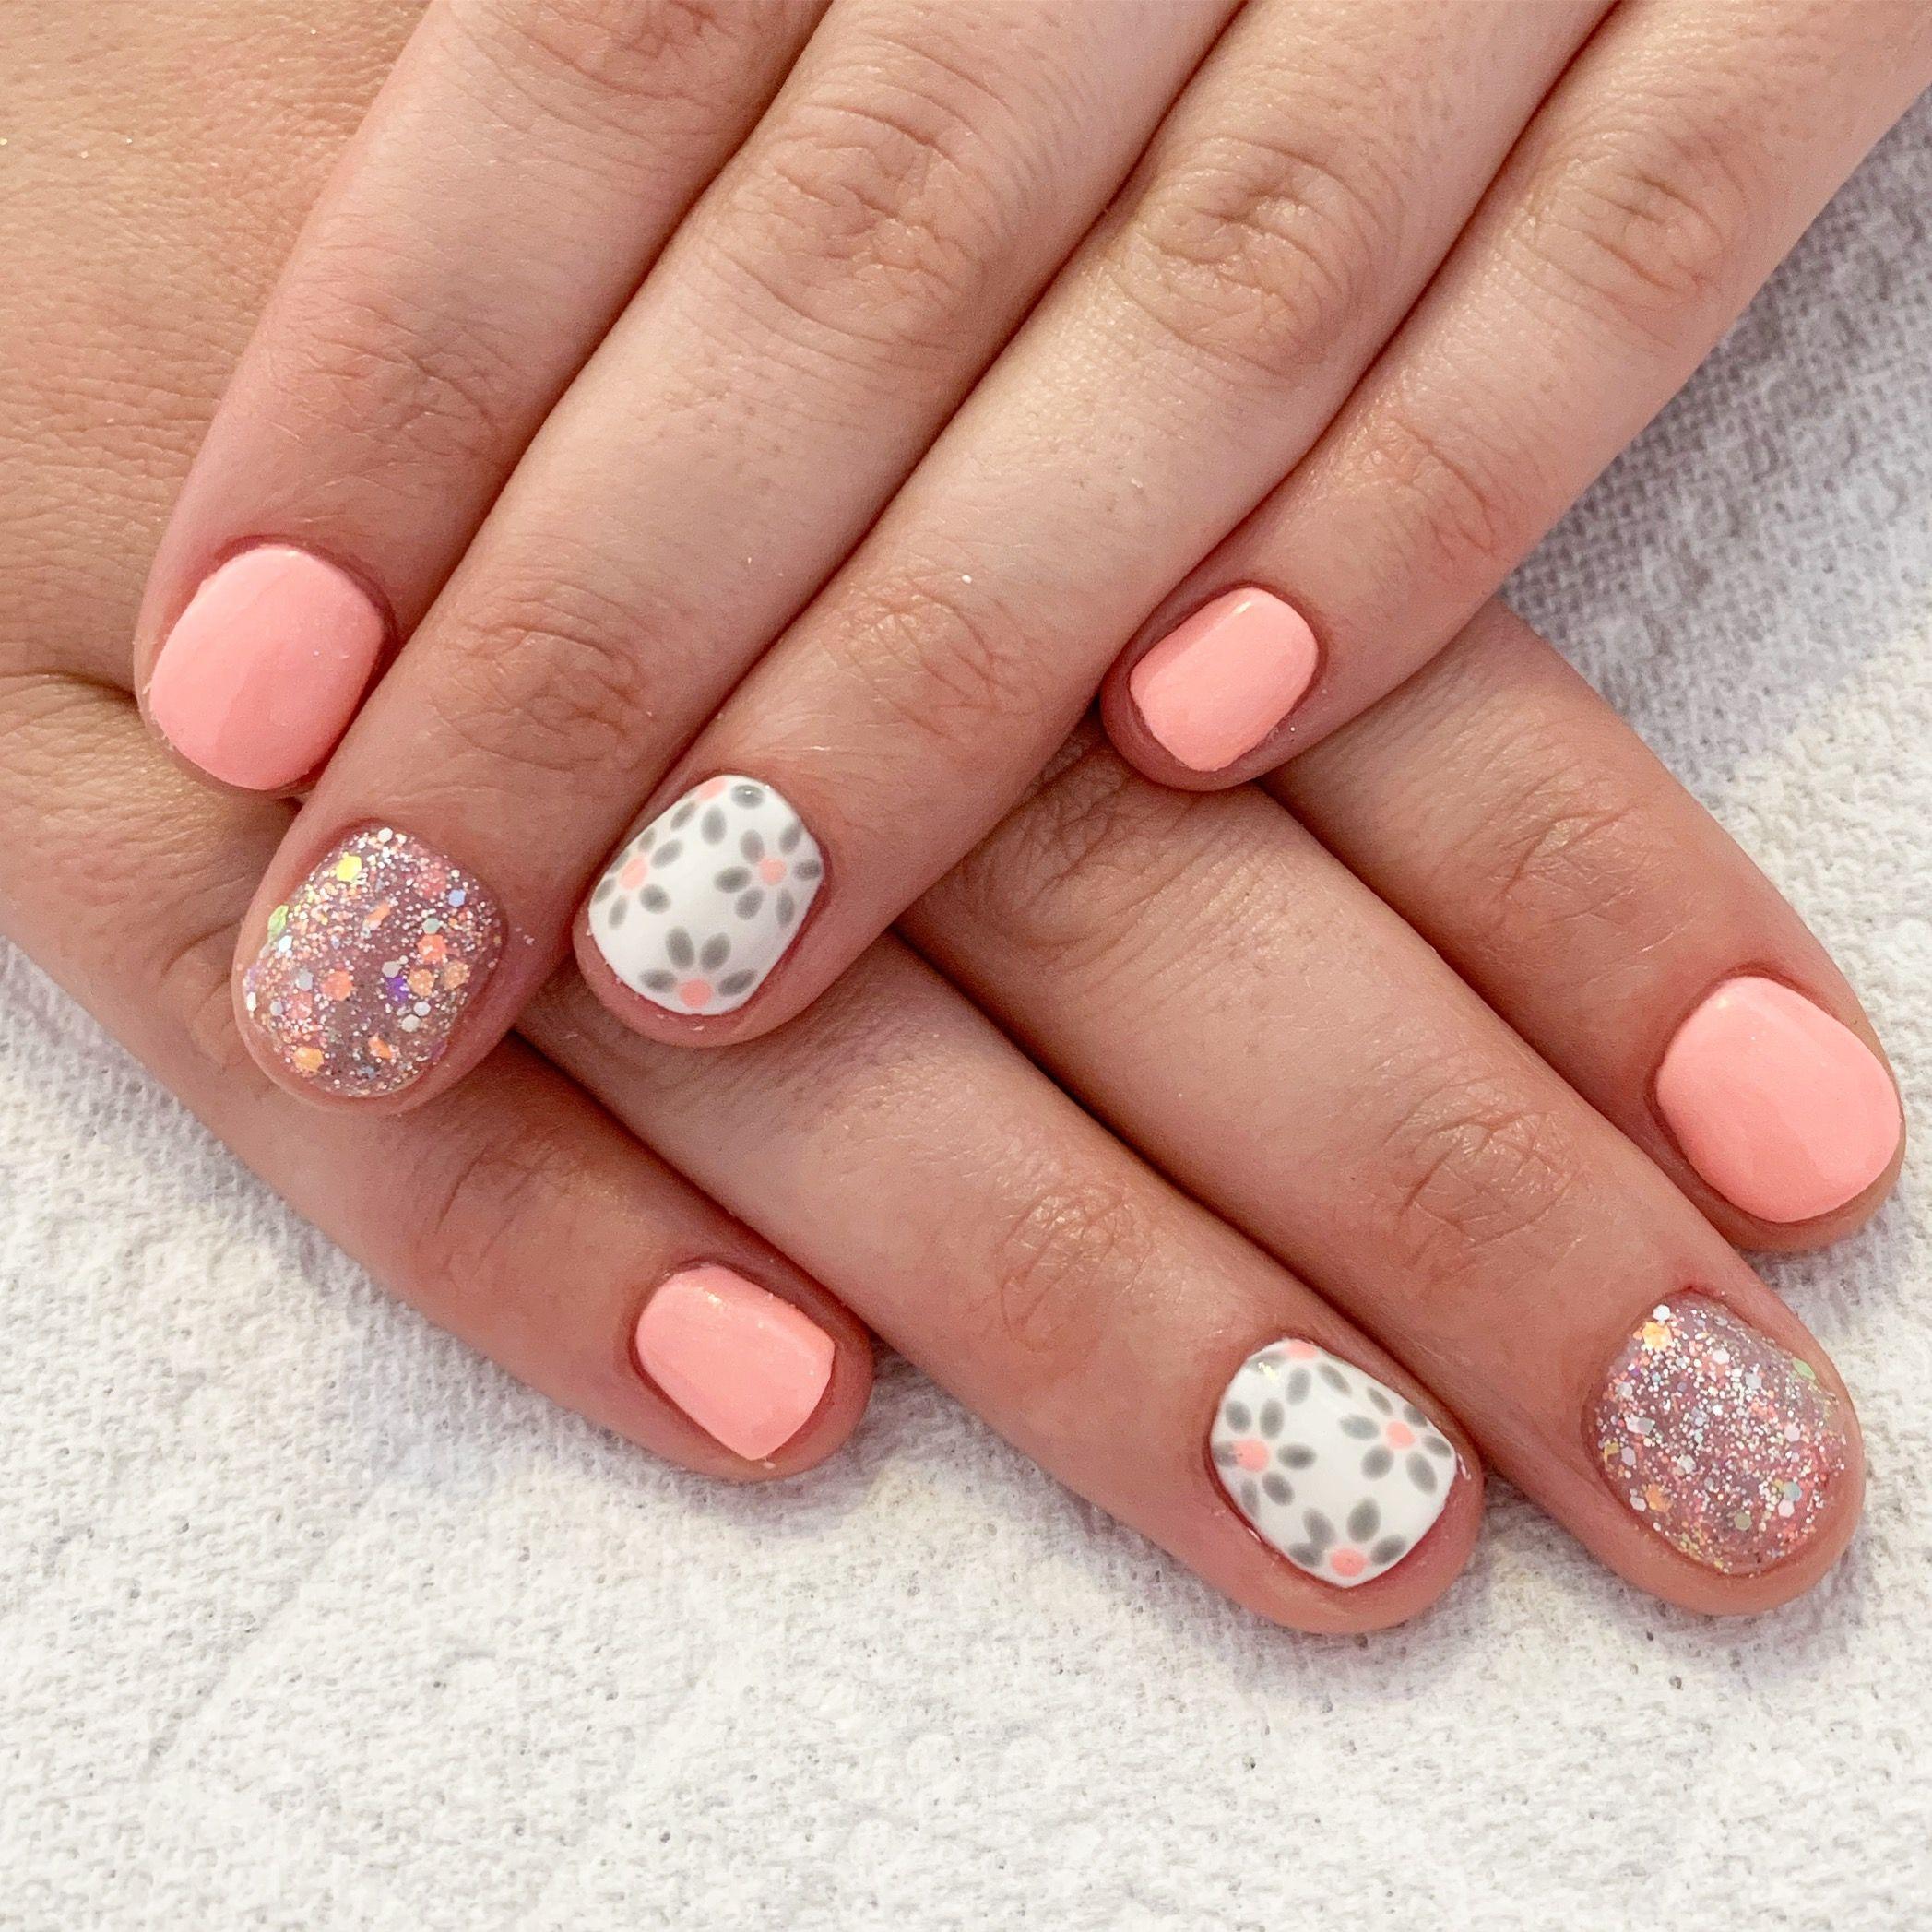 Grey Nails Peach Nails Coral Nails Spring Nails Short Nails Gel Nails Natural Nails Nail Stamps Nail Art Glitter Nails Peach Nails Spring Nails Nails